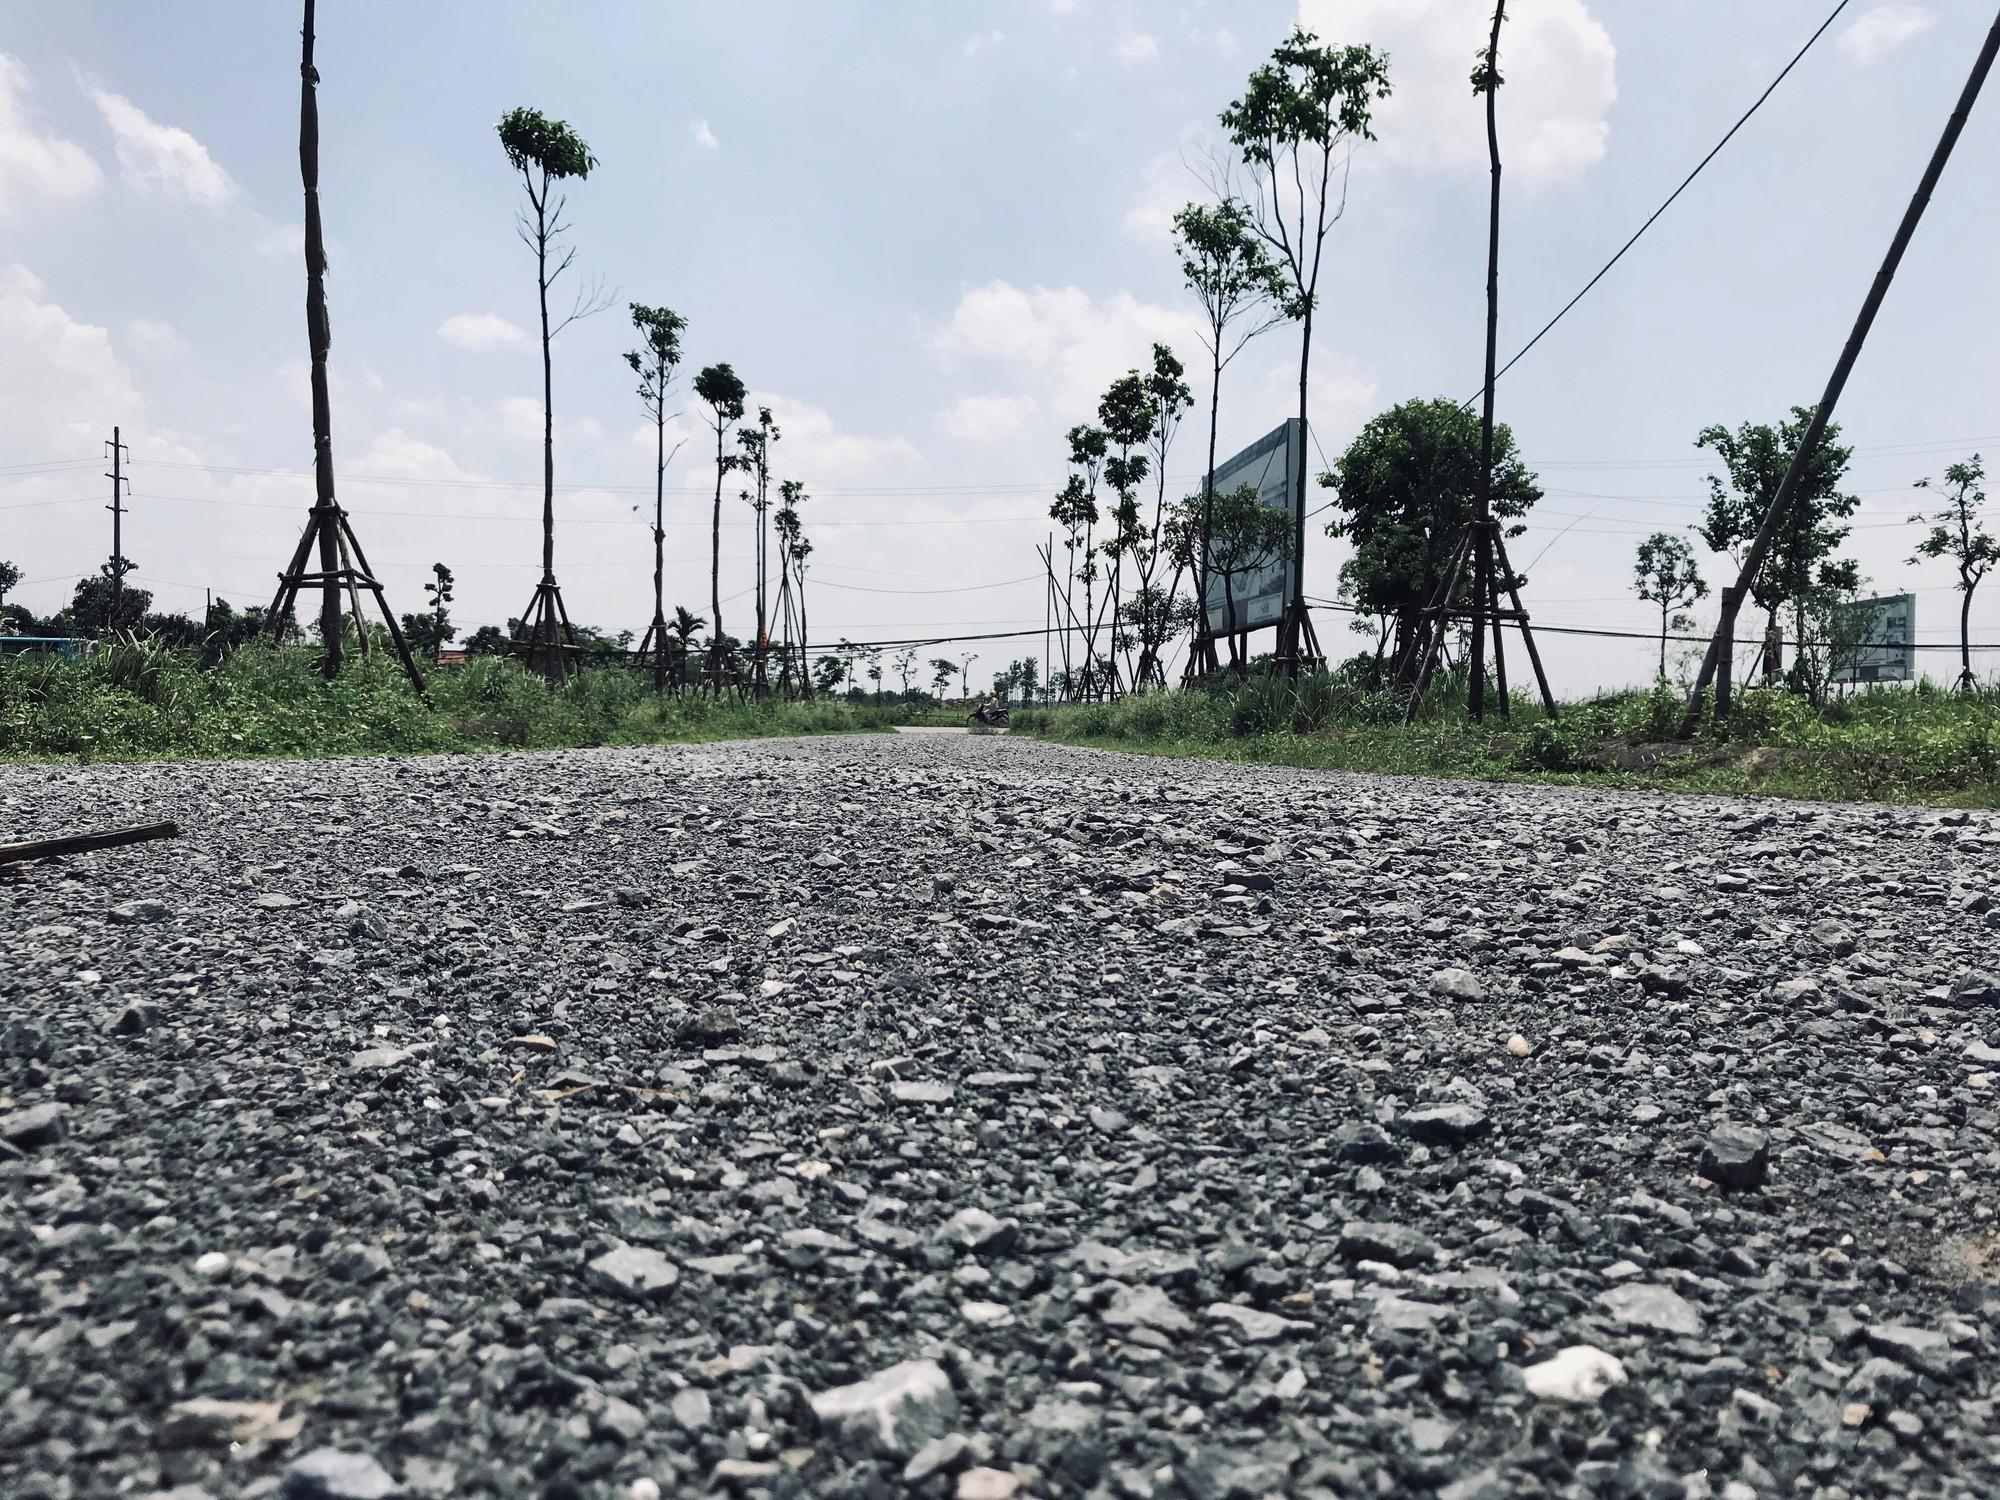 Hàng nghìn tỉ đồng bị chôn vùi tại khu đô thị bỏ hoang Minh Giang Đầm Và - Ảnh 20.